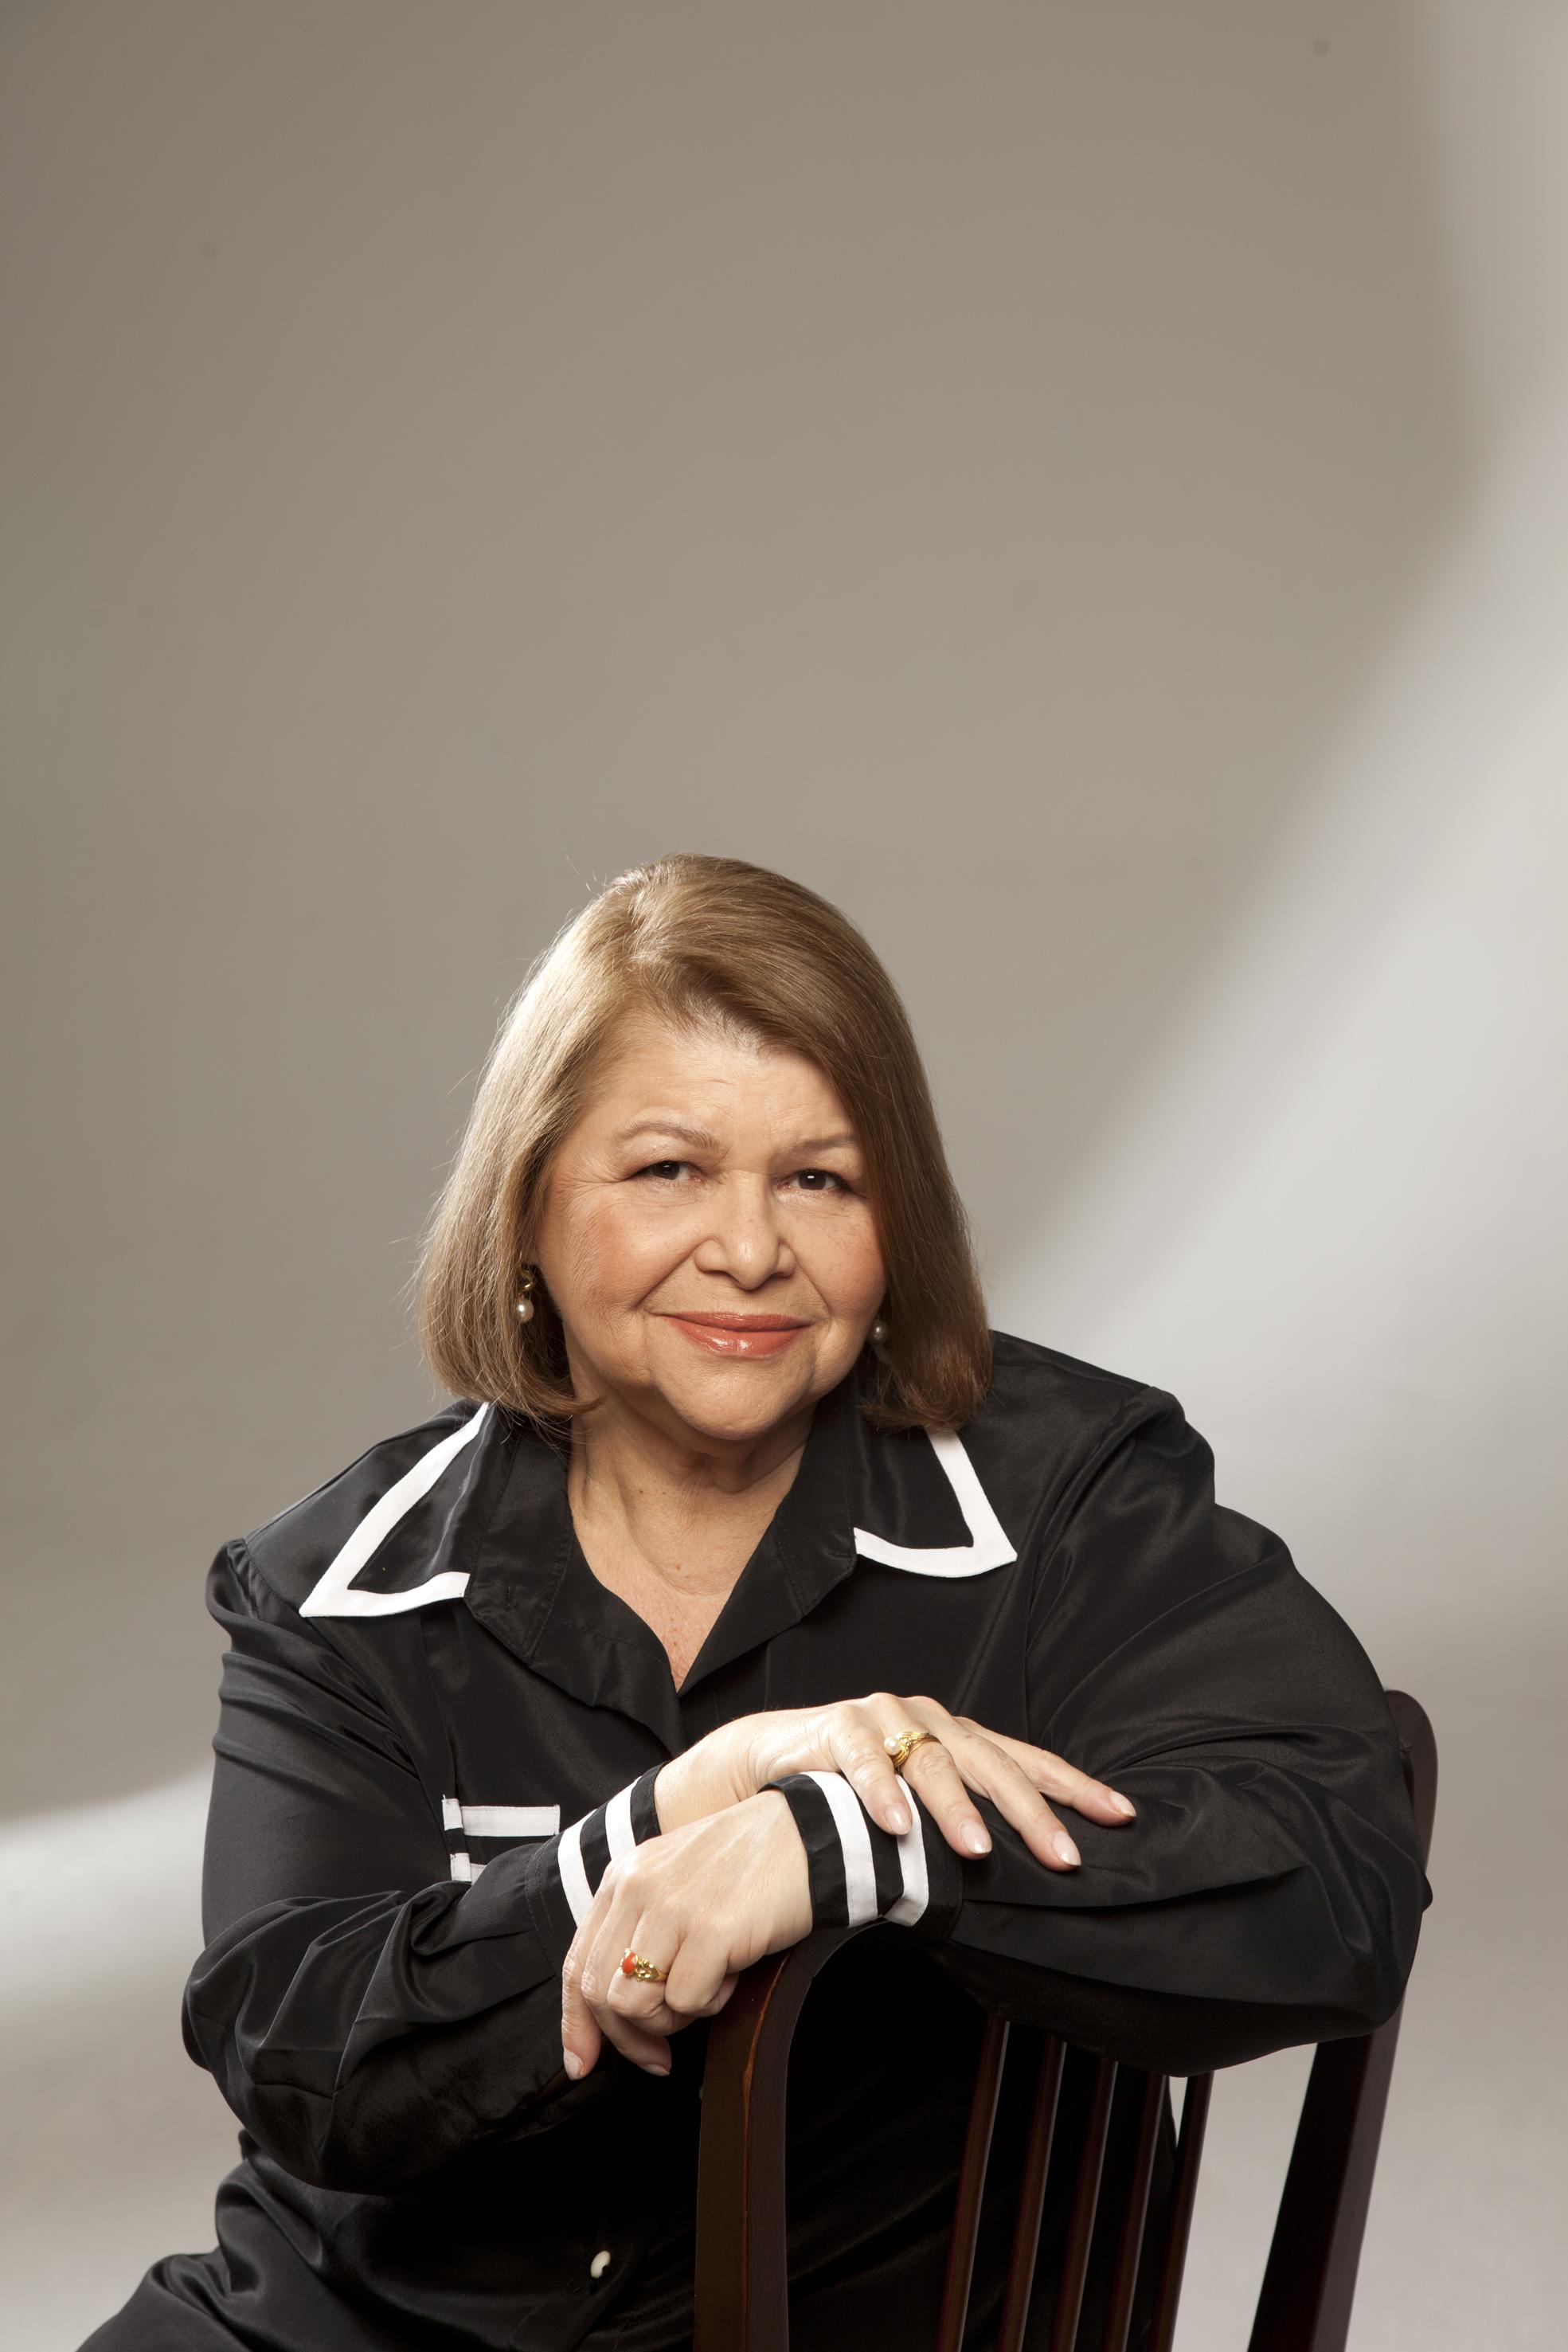 Rita Moutinho